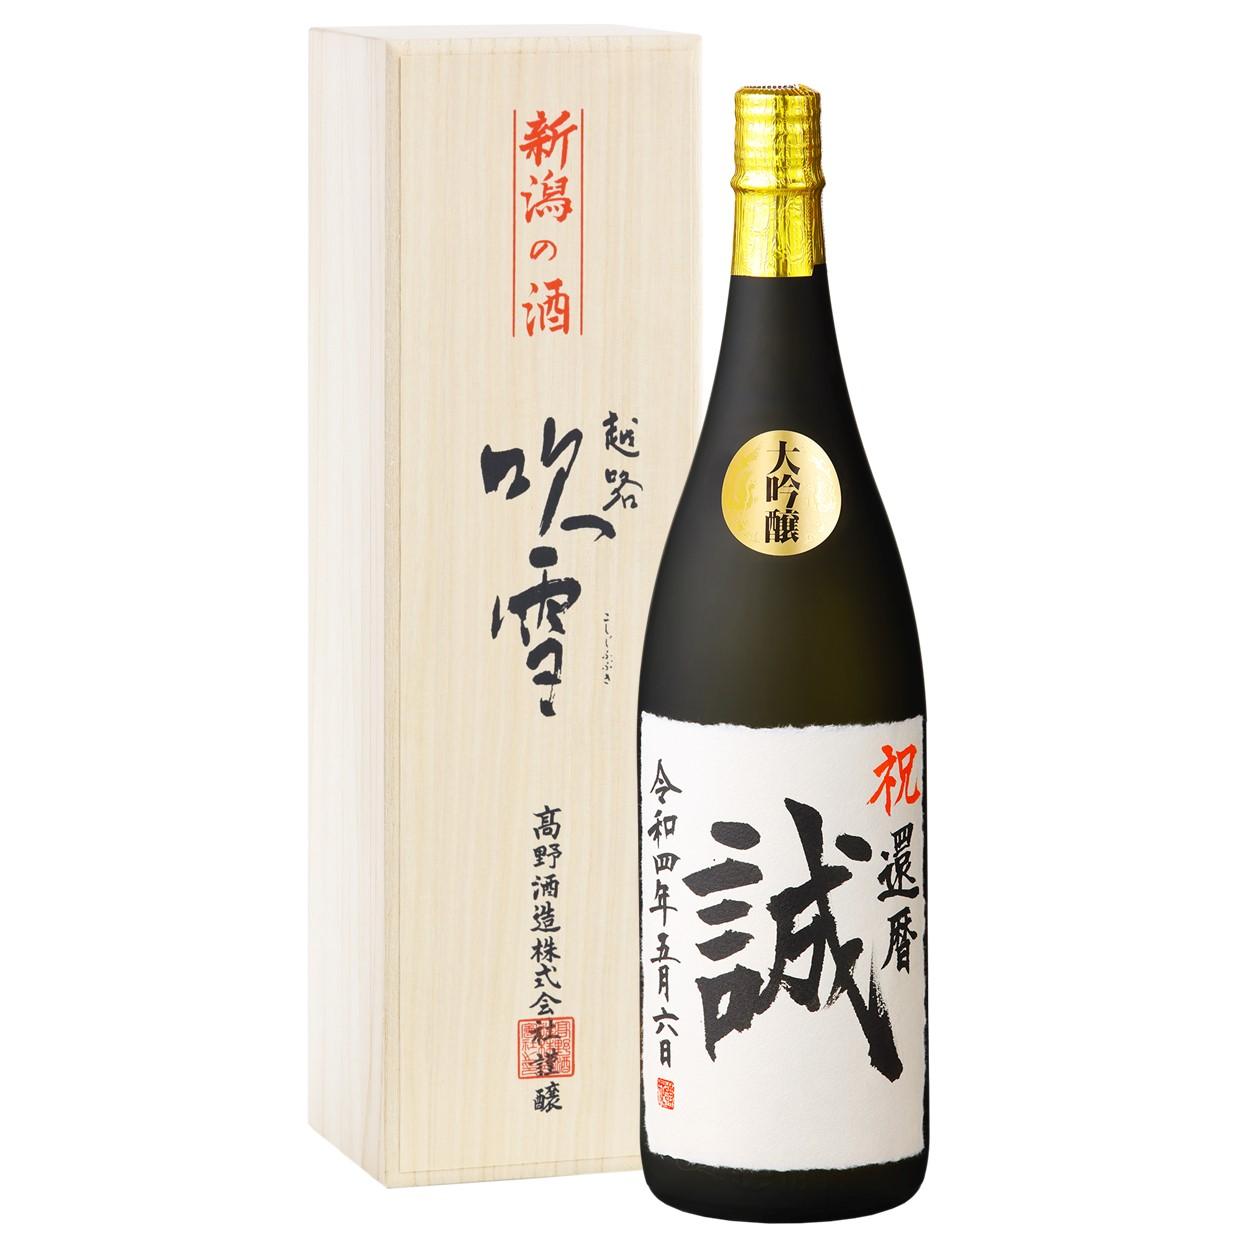 名入れ 日本酒 大吟醸 書道師範 毛筆手書きラベル 1800ml 一升瓶 桐箱入 新潟 高野酒造